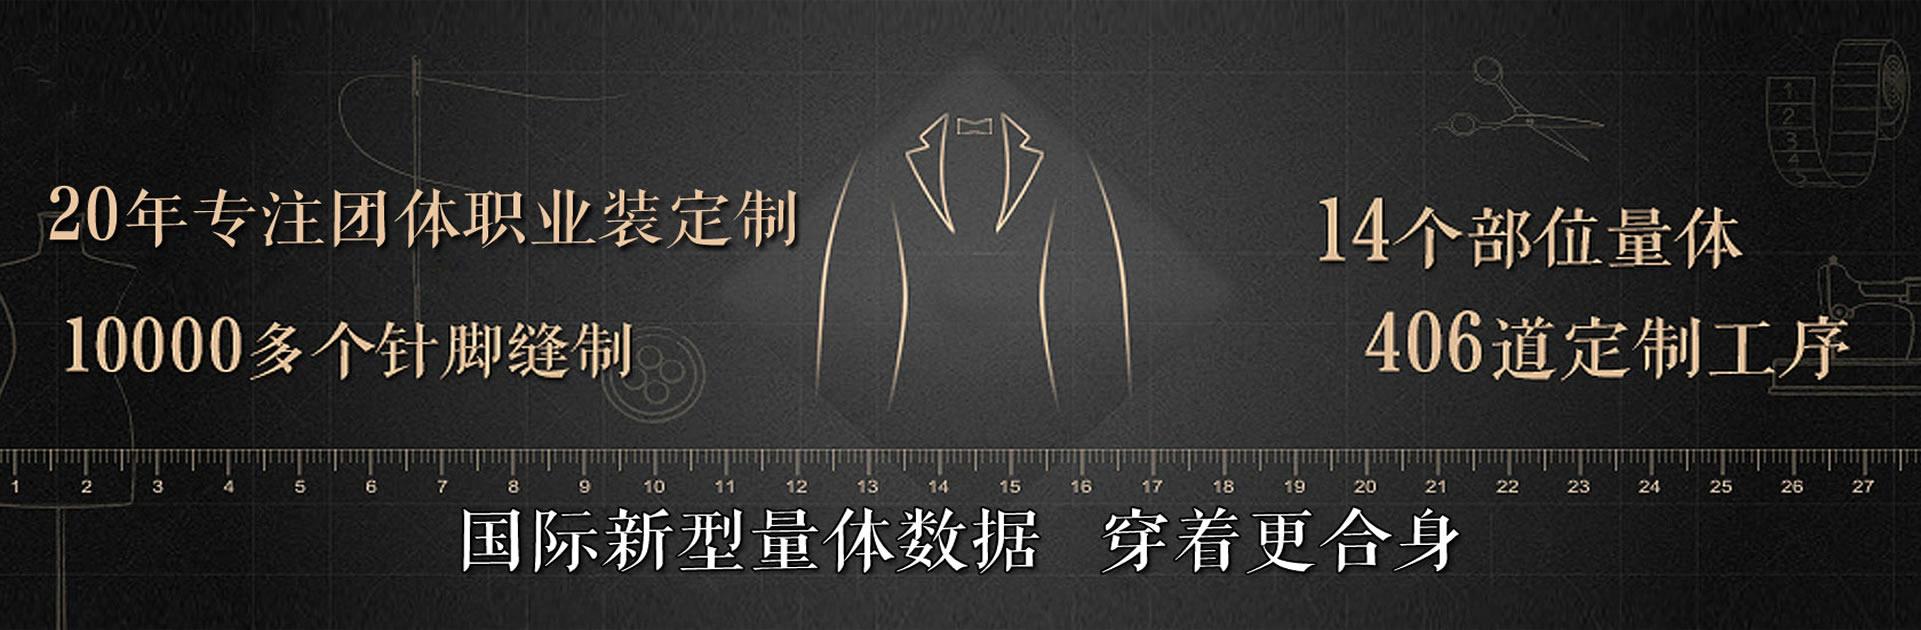 柳州服装厂